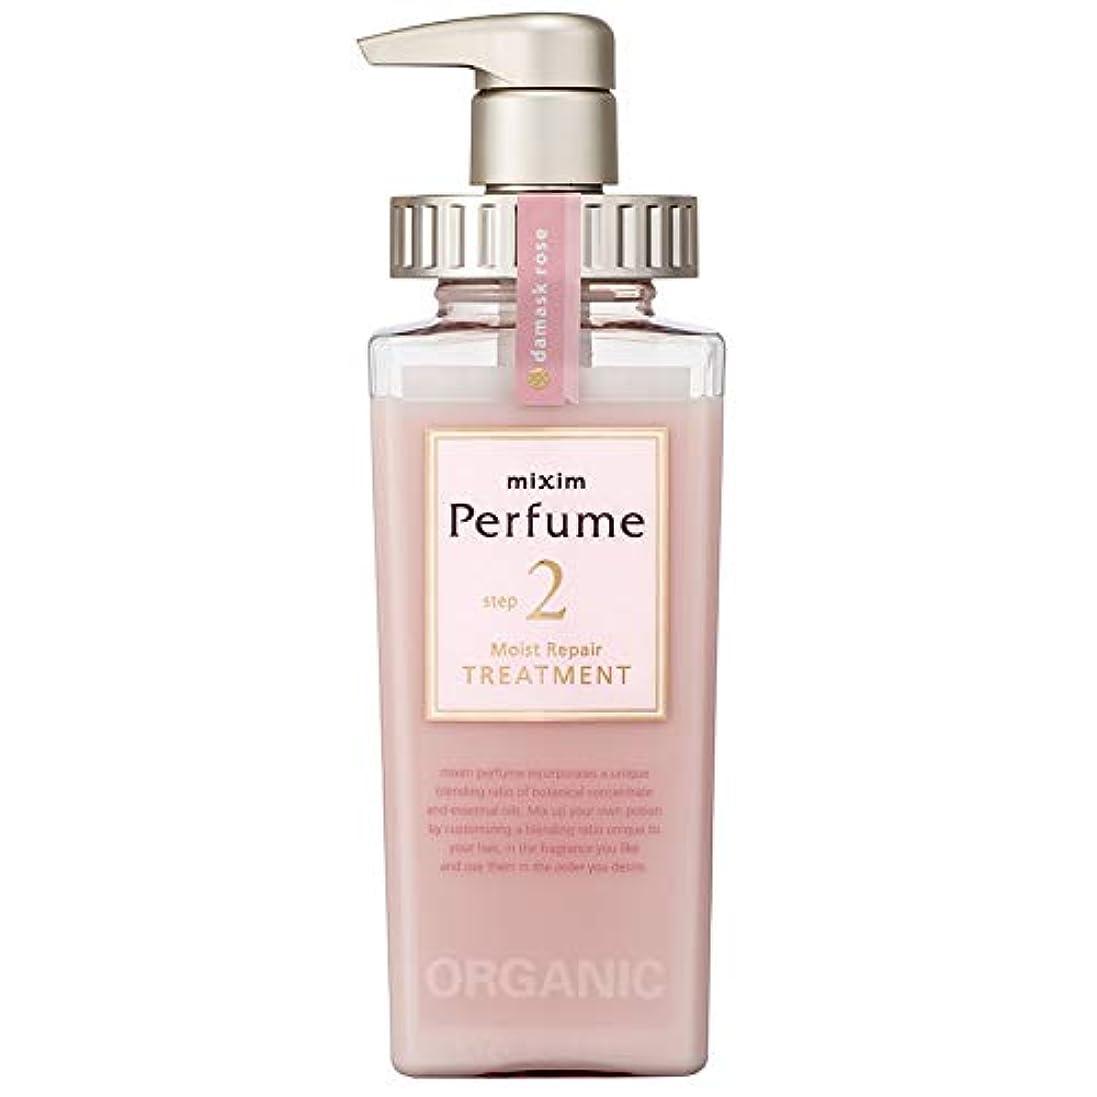 海里藤色思慮深いmixim Perfume(ミクシムパフューム) モイストリペア ヘアトリートメント 440g